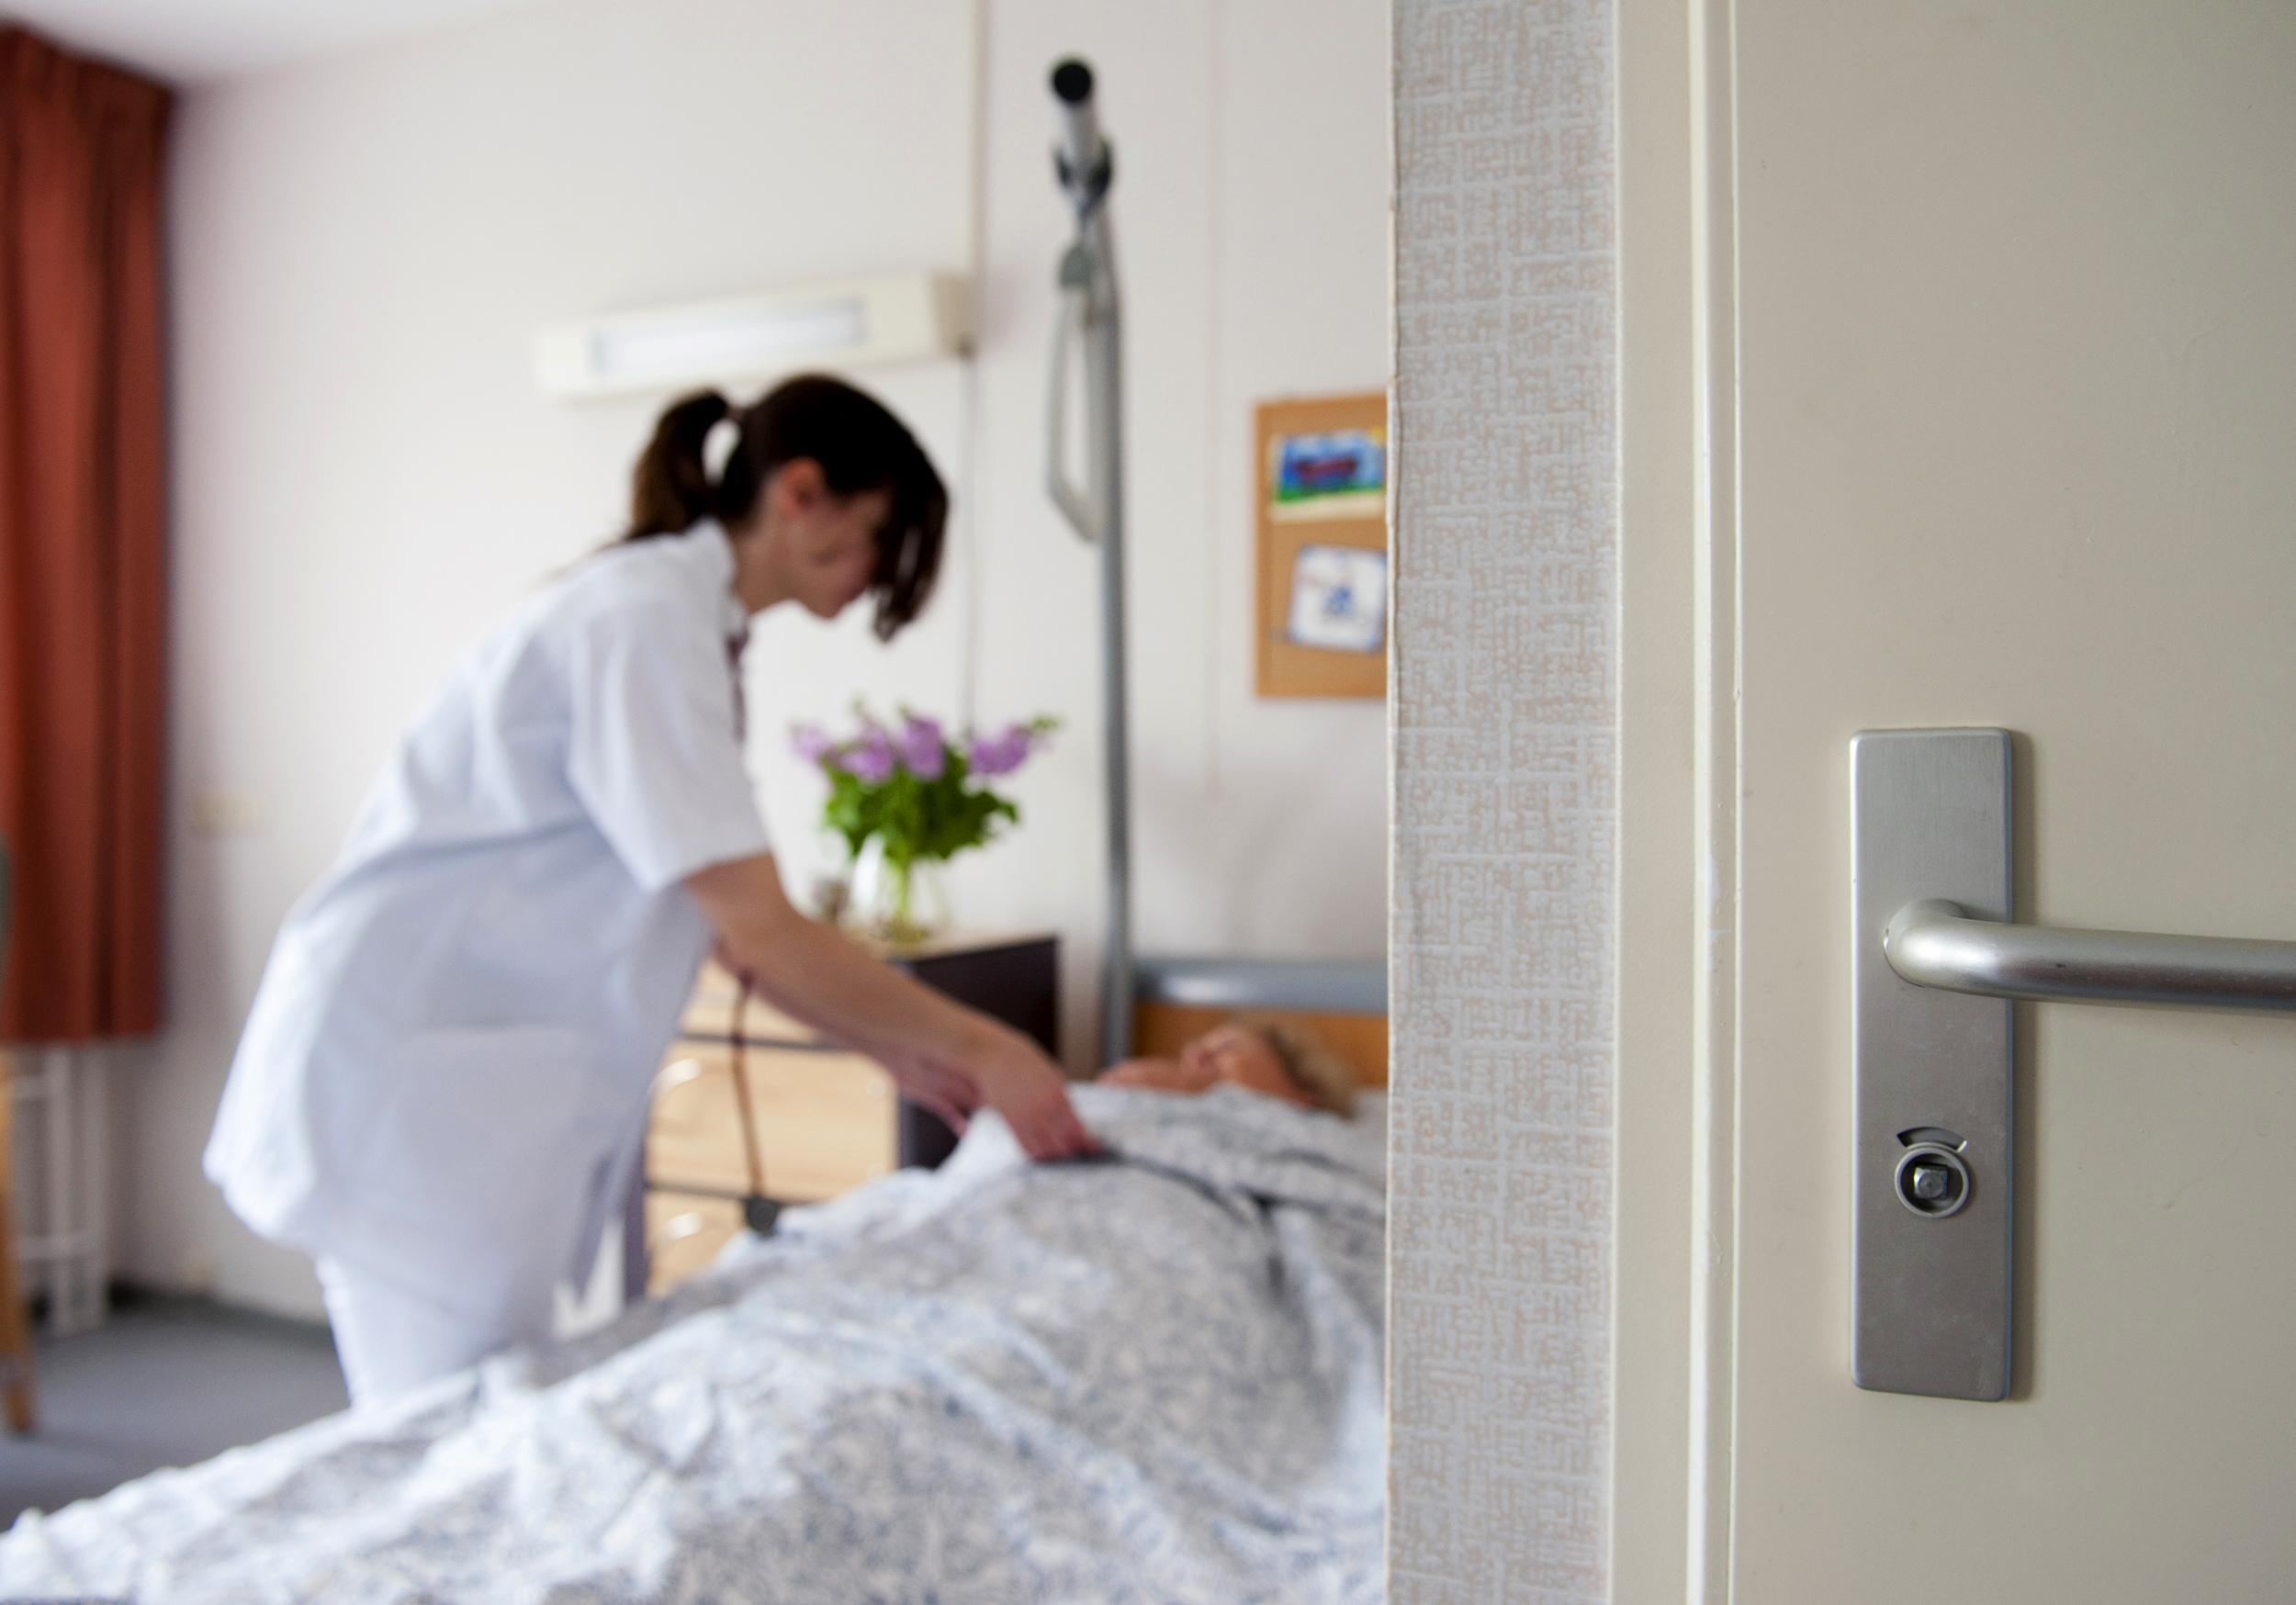 Een dokter neemt een kijkje bij een bedlegerige vrouw in een aanleunwoning. Foto: ANP / Roos Koole